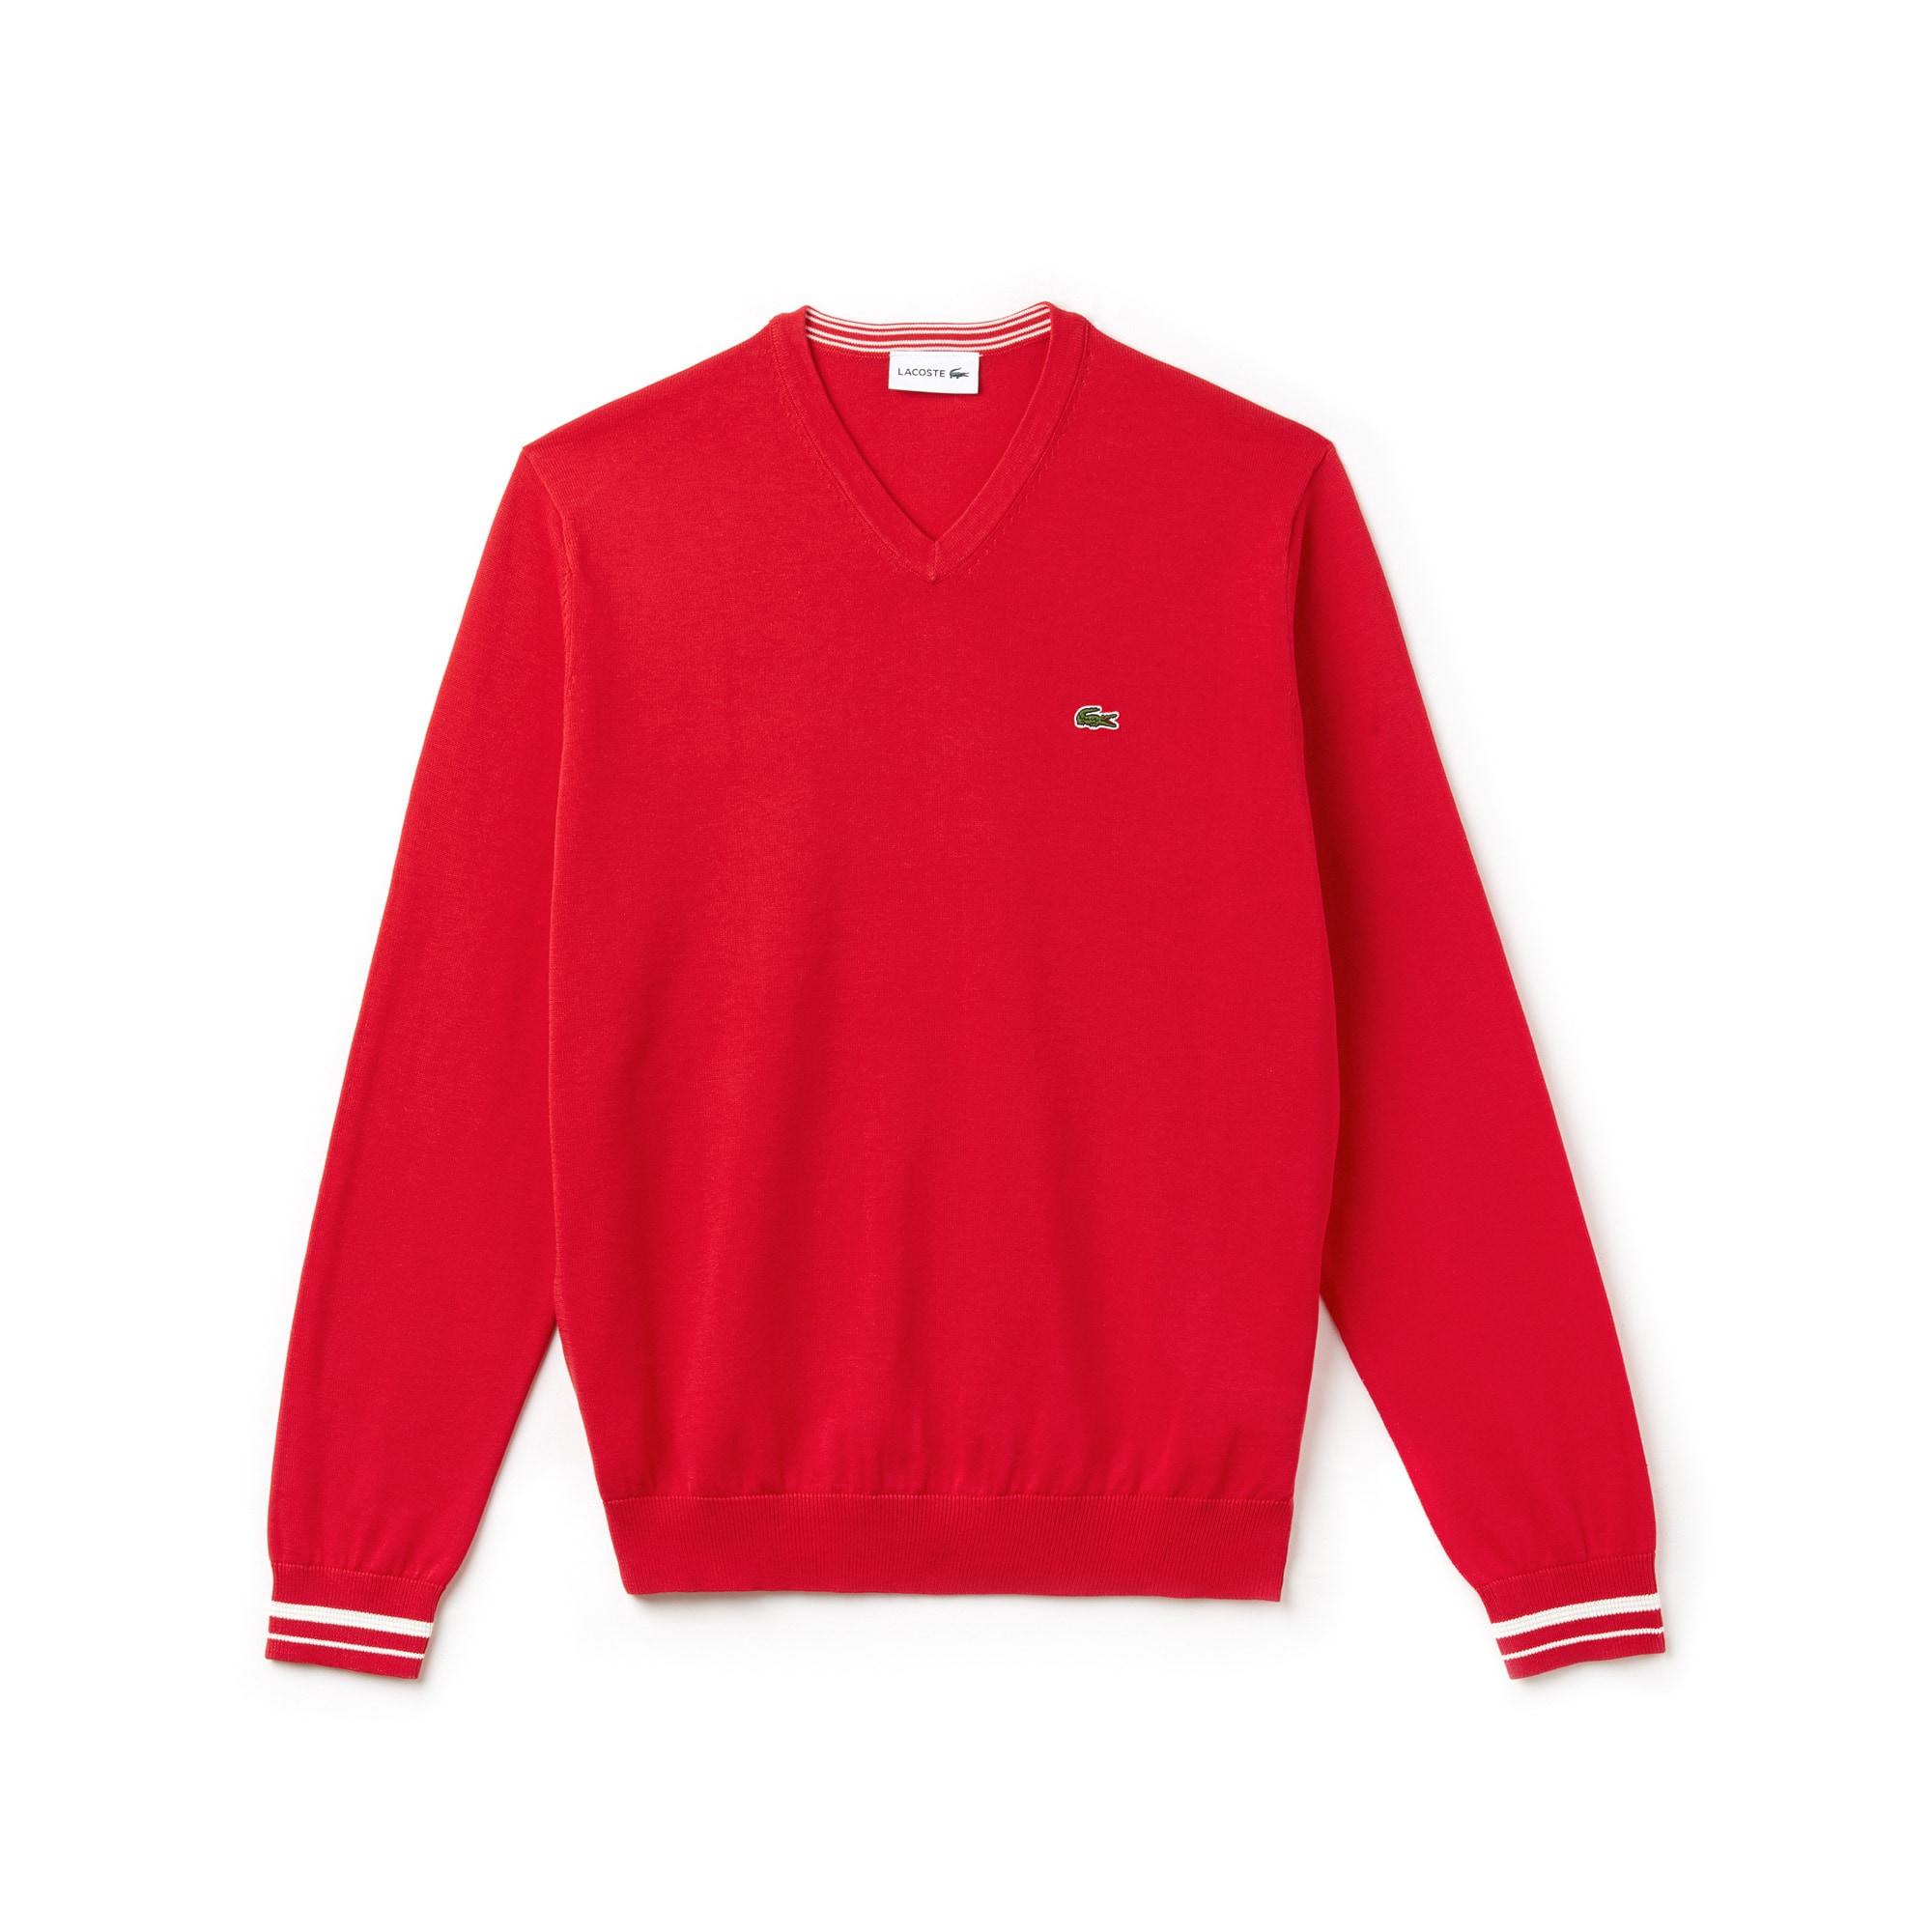 Camisola decote em V em jersey de algodão unicolor com detalhes a contrastar